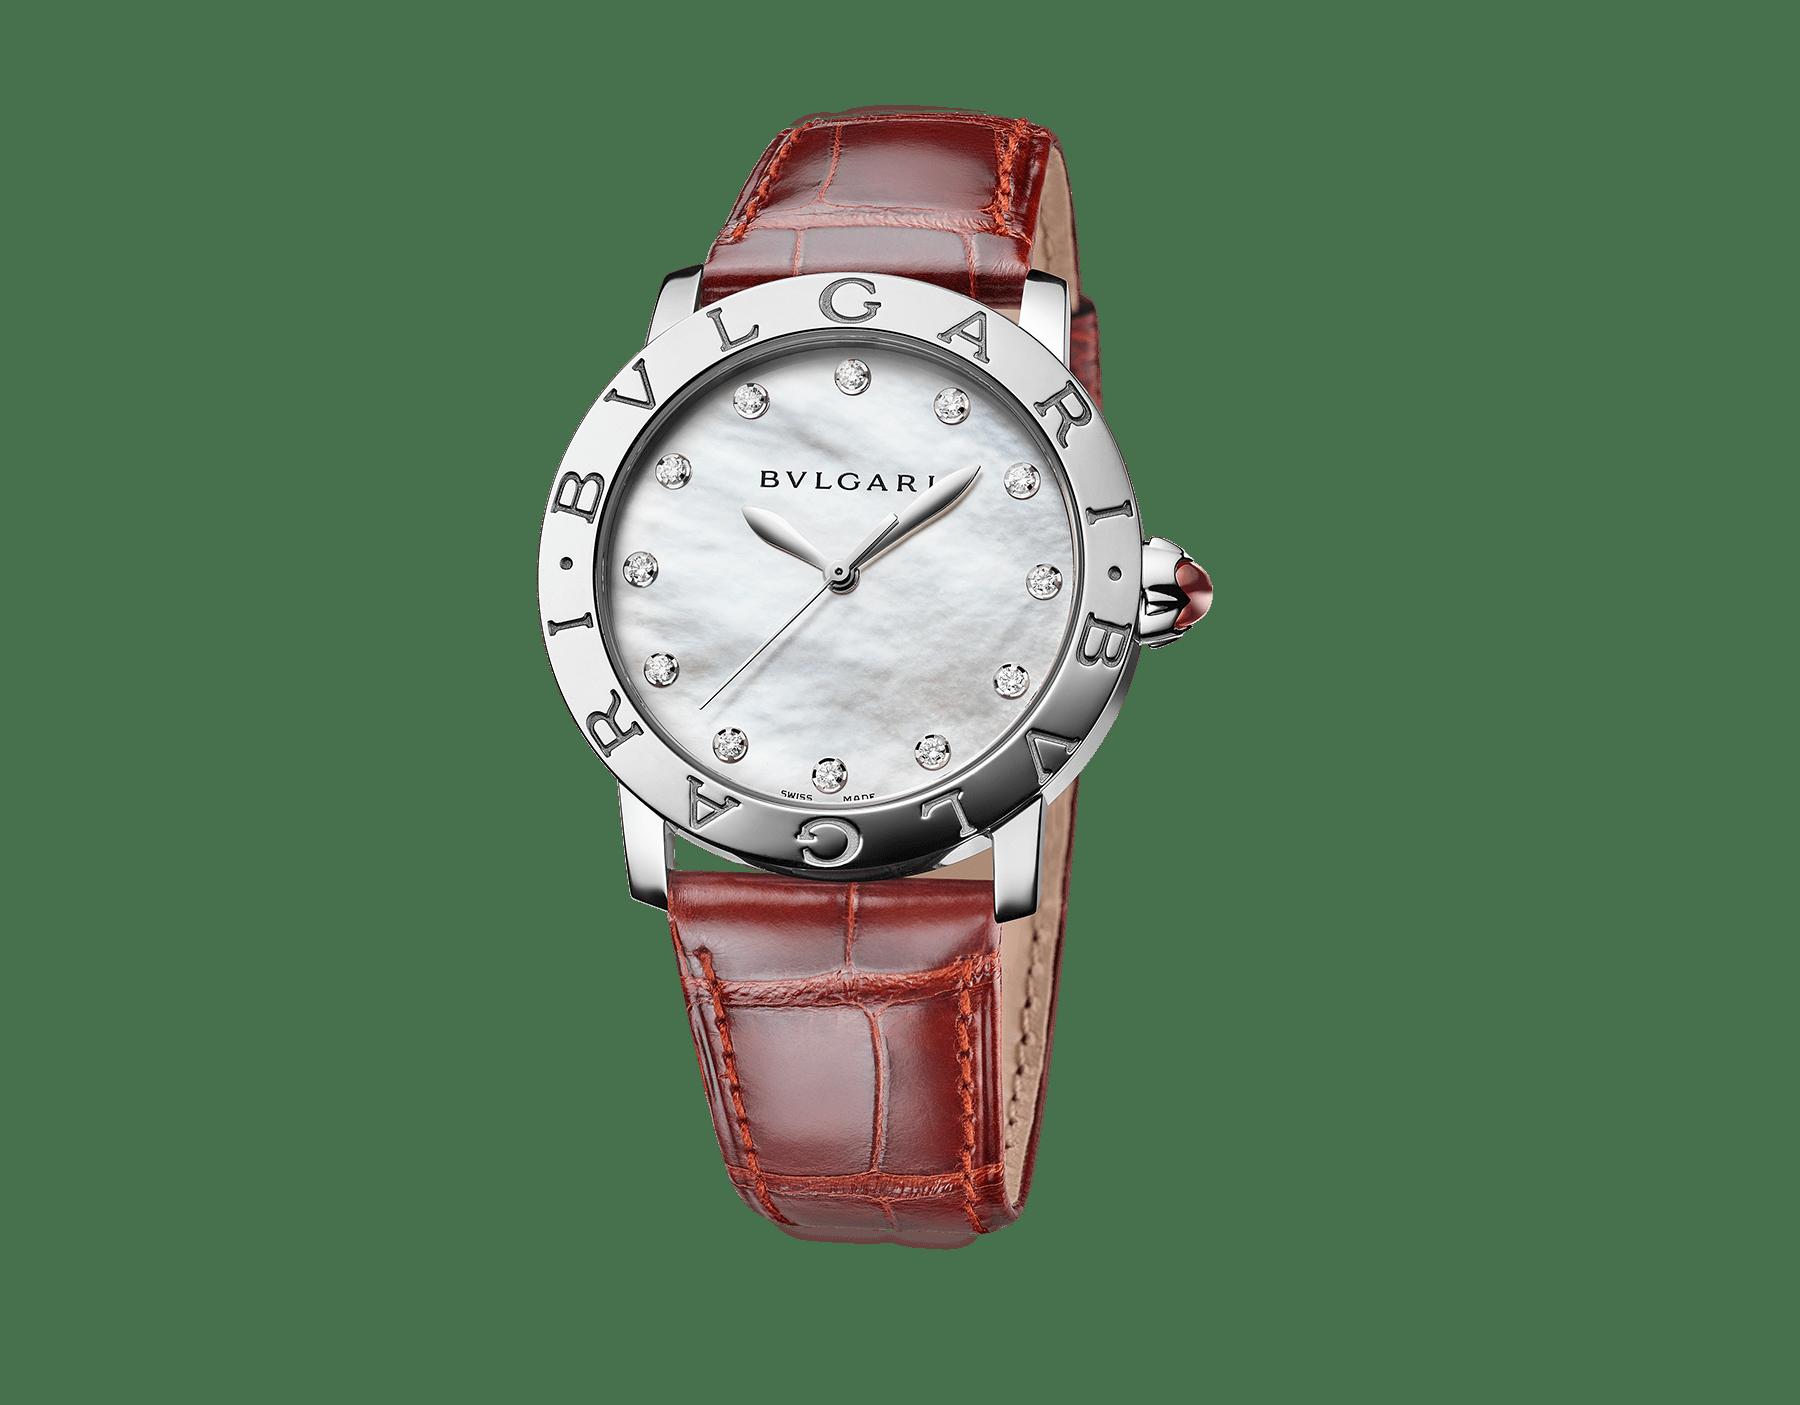 Reloj BVLGARI BVLGARI con caja en acero inoxidable, esfera de madreperla blanca, diamantes engastados como índices y correa de piel de aligátor marrón oscuro brillante. 102748 image 1